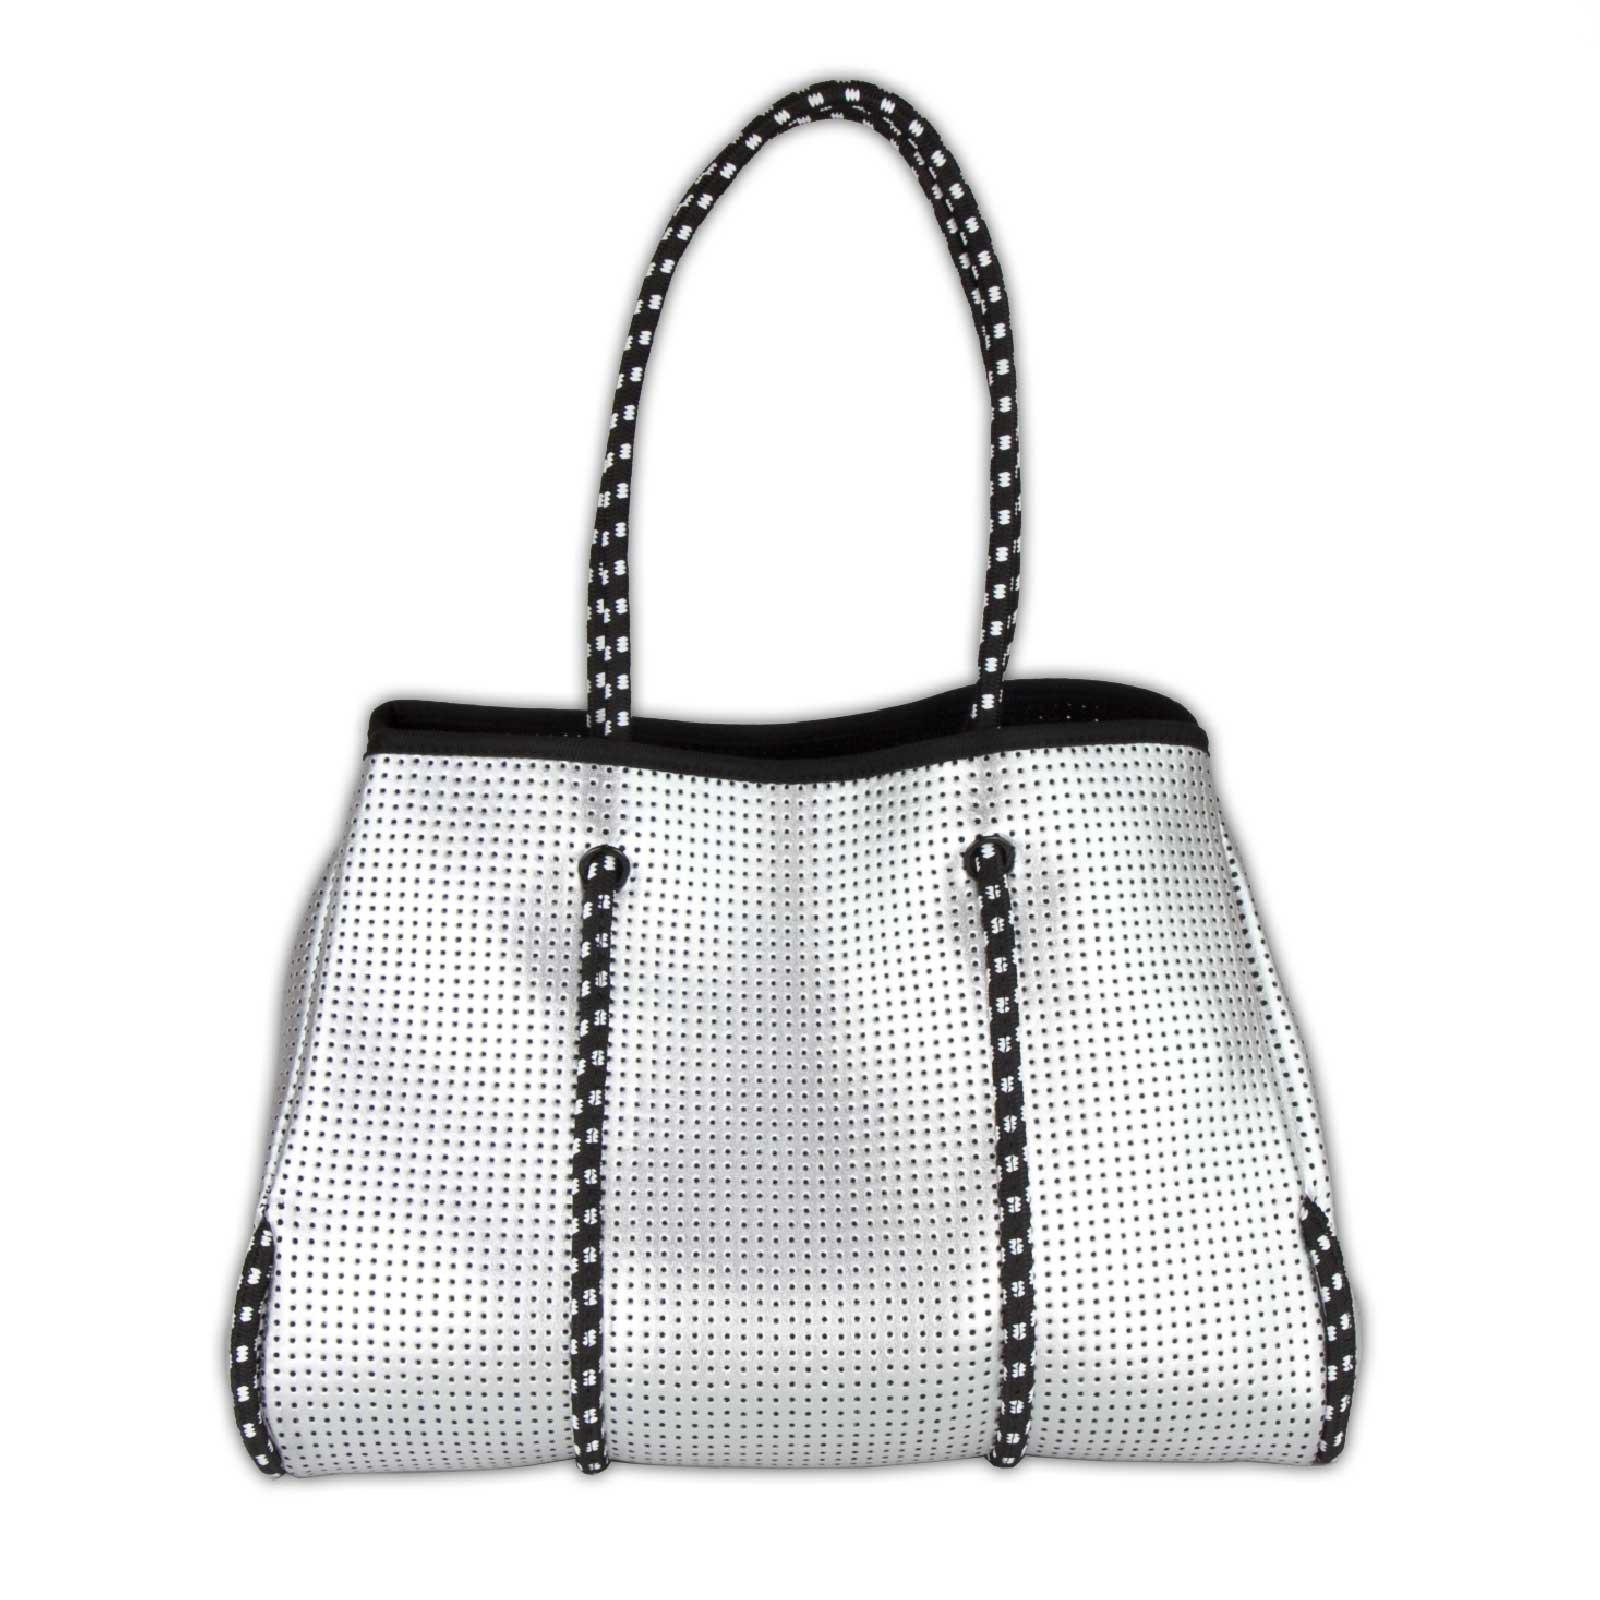 NEOBAGS Neoprene Ladies Bag